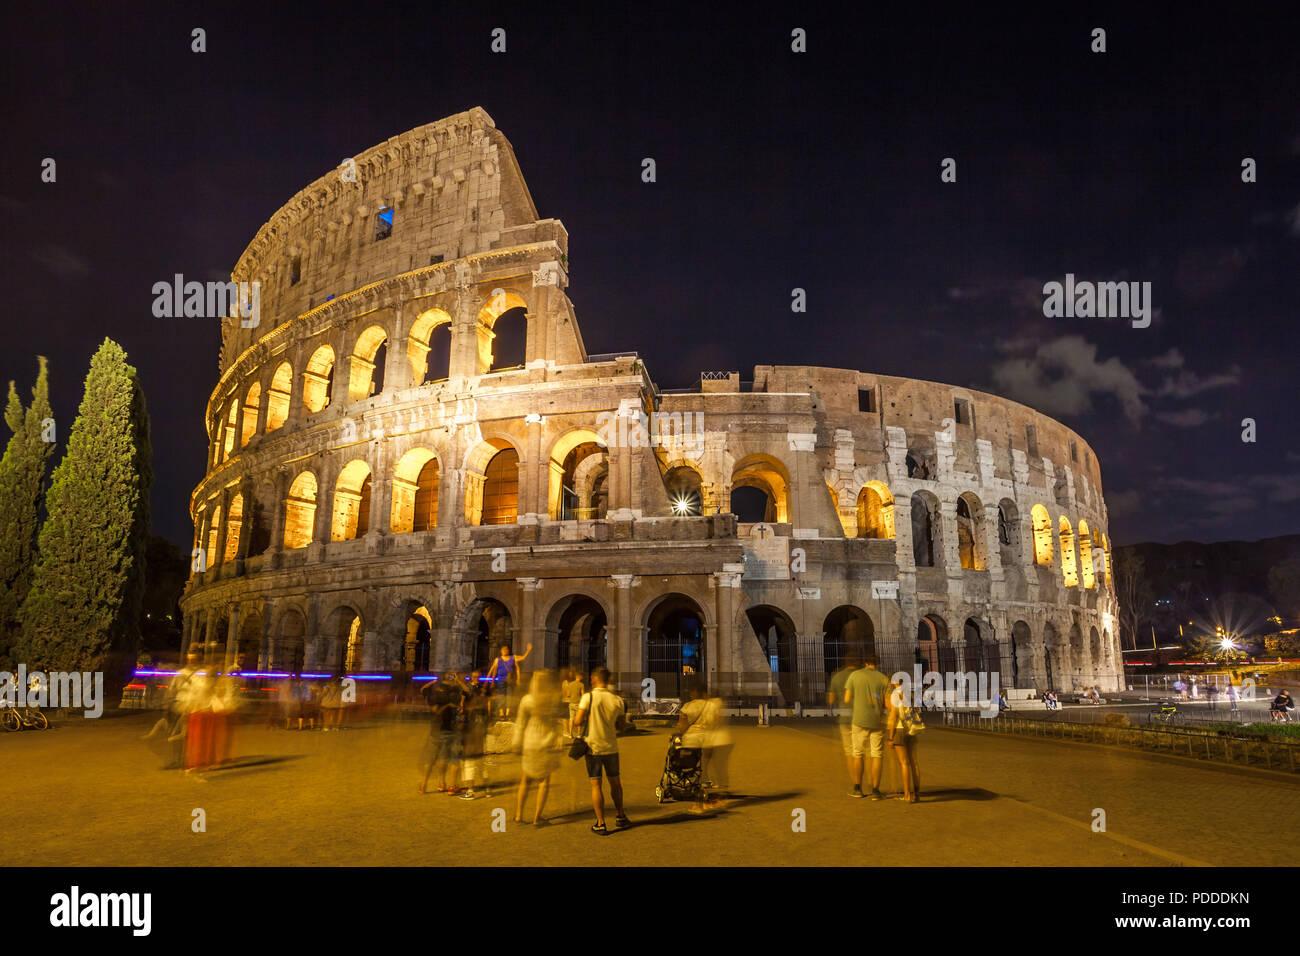 Römischen Kolosseum (Kolosseum) in der Nacht, eine der wichtigsten Städte in Rom. Italien. Stockbild